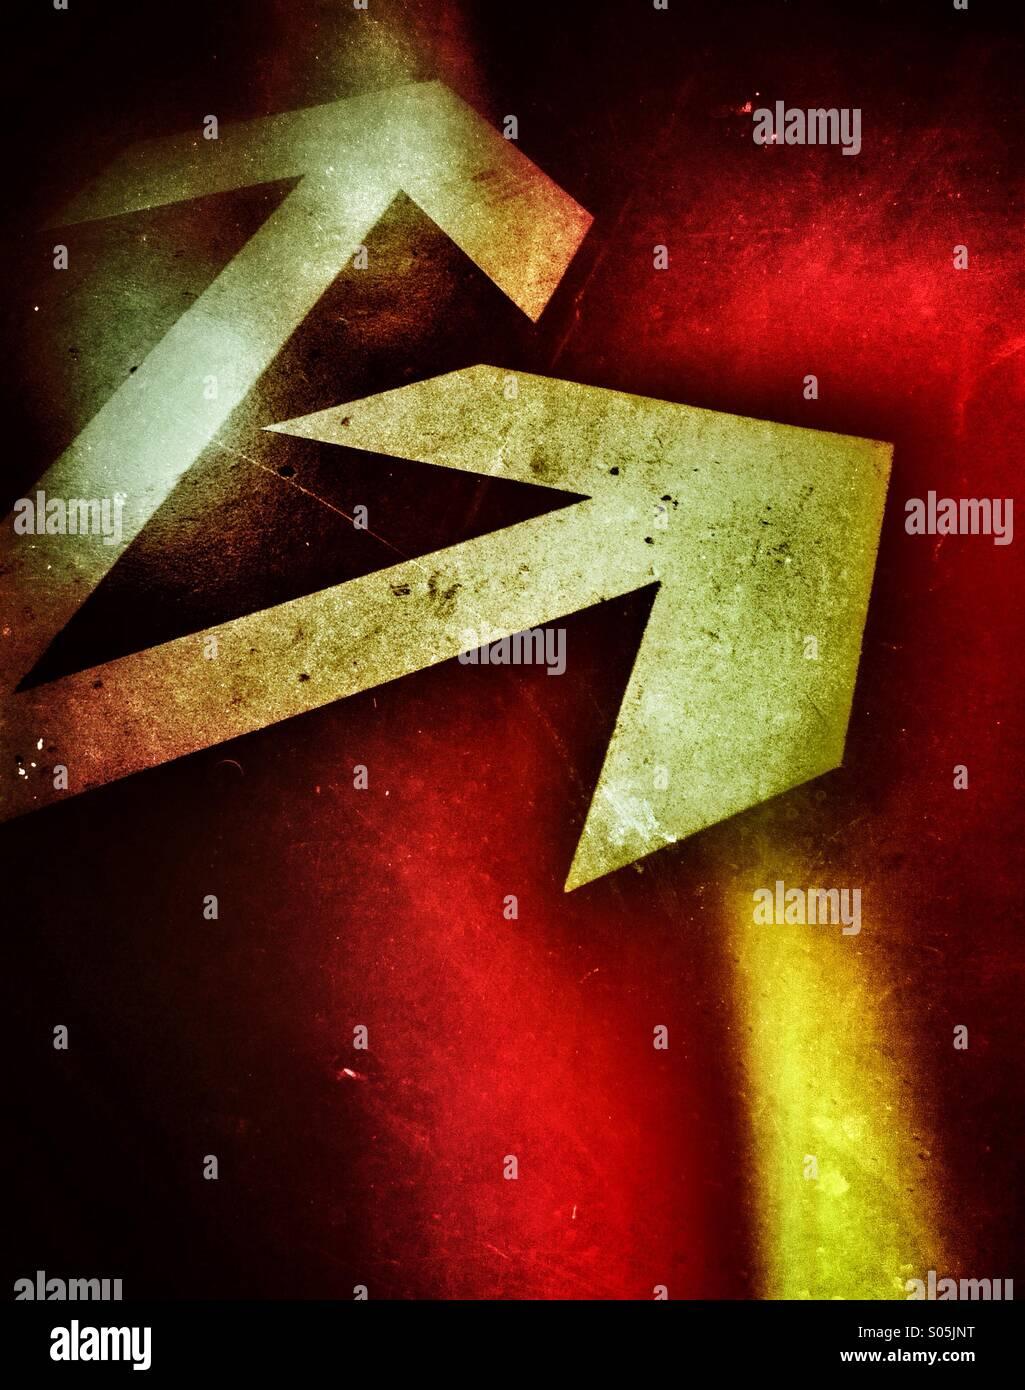 Due frecce dipinte su strada, ogni punta in una direzione diversa. Immagini Stock